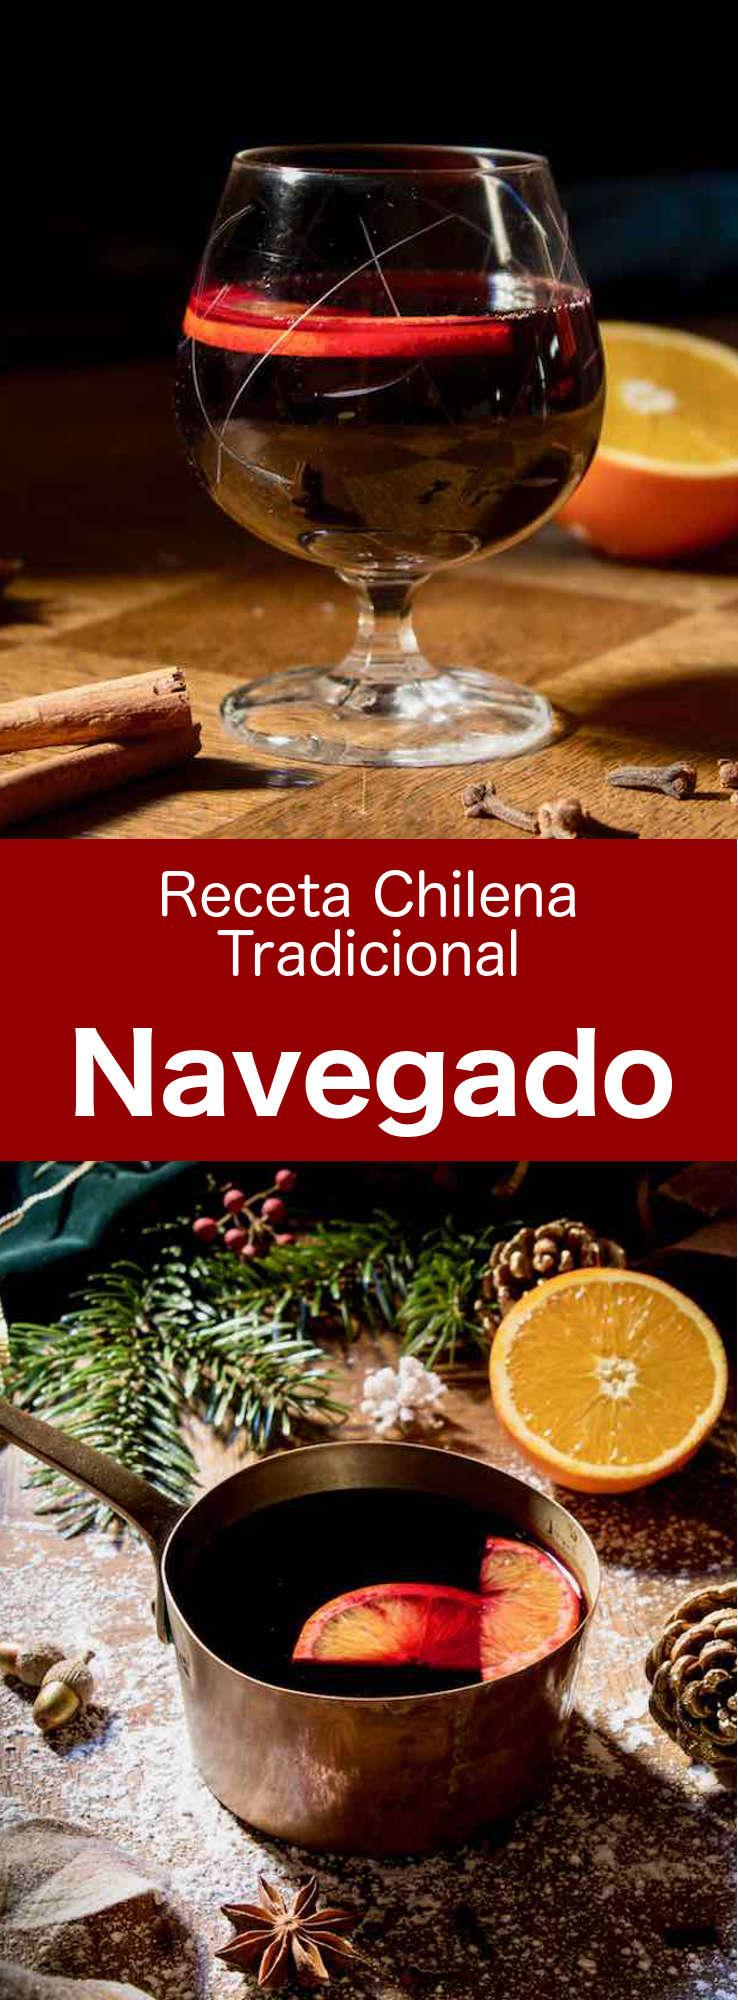 El navegado, navega'o o vino navegado, es una bebida alcohólica popular del sur de Chile que se prepara a partir de una mezcla de vino tinto, rodajas de naranja, azúcar y especias.